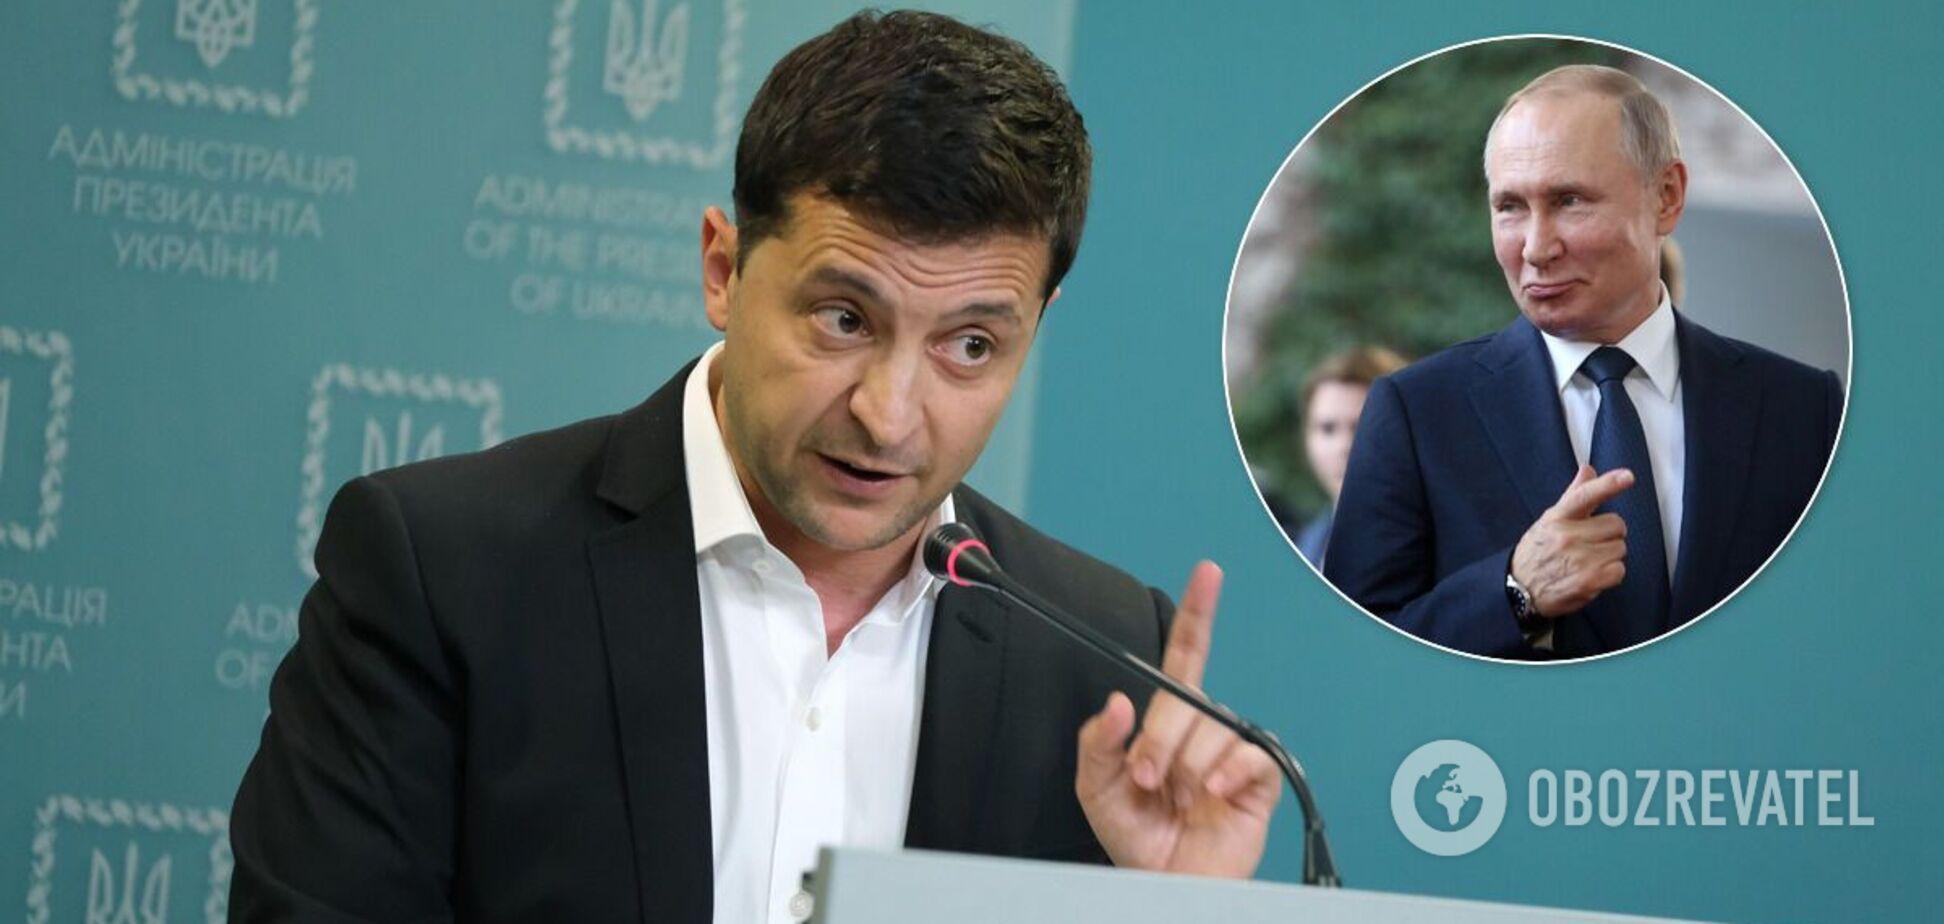 У Зеленського сказали, чому вирішили покликати Путіна на Донбас